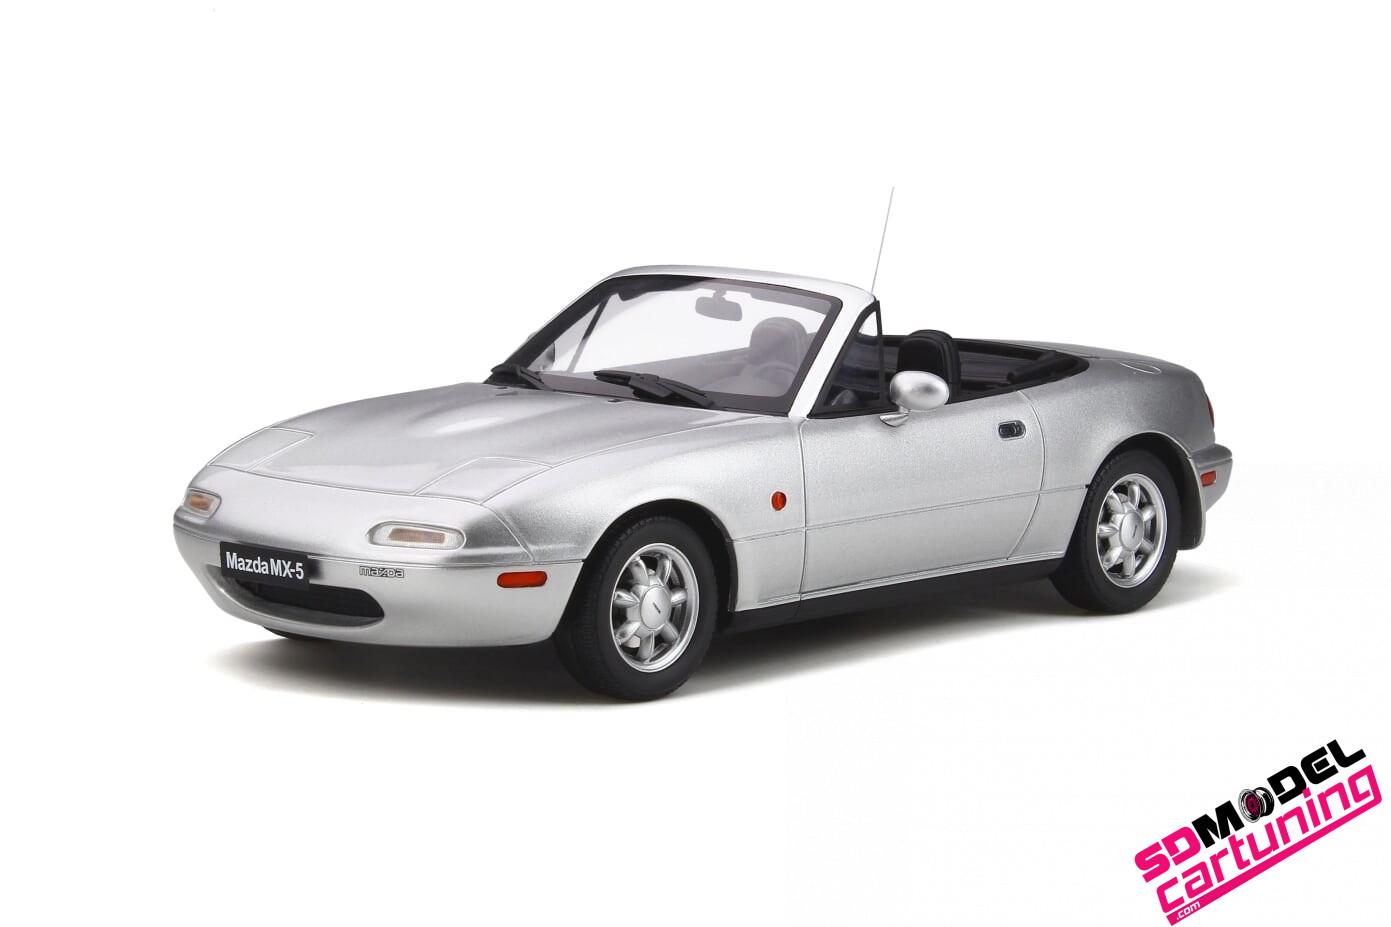 1:18 Mazda MX-5